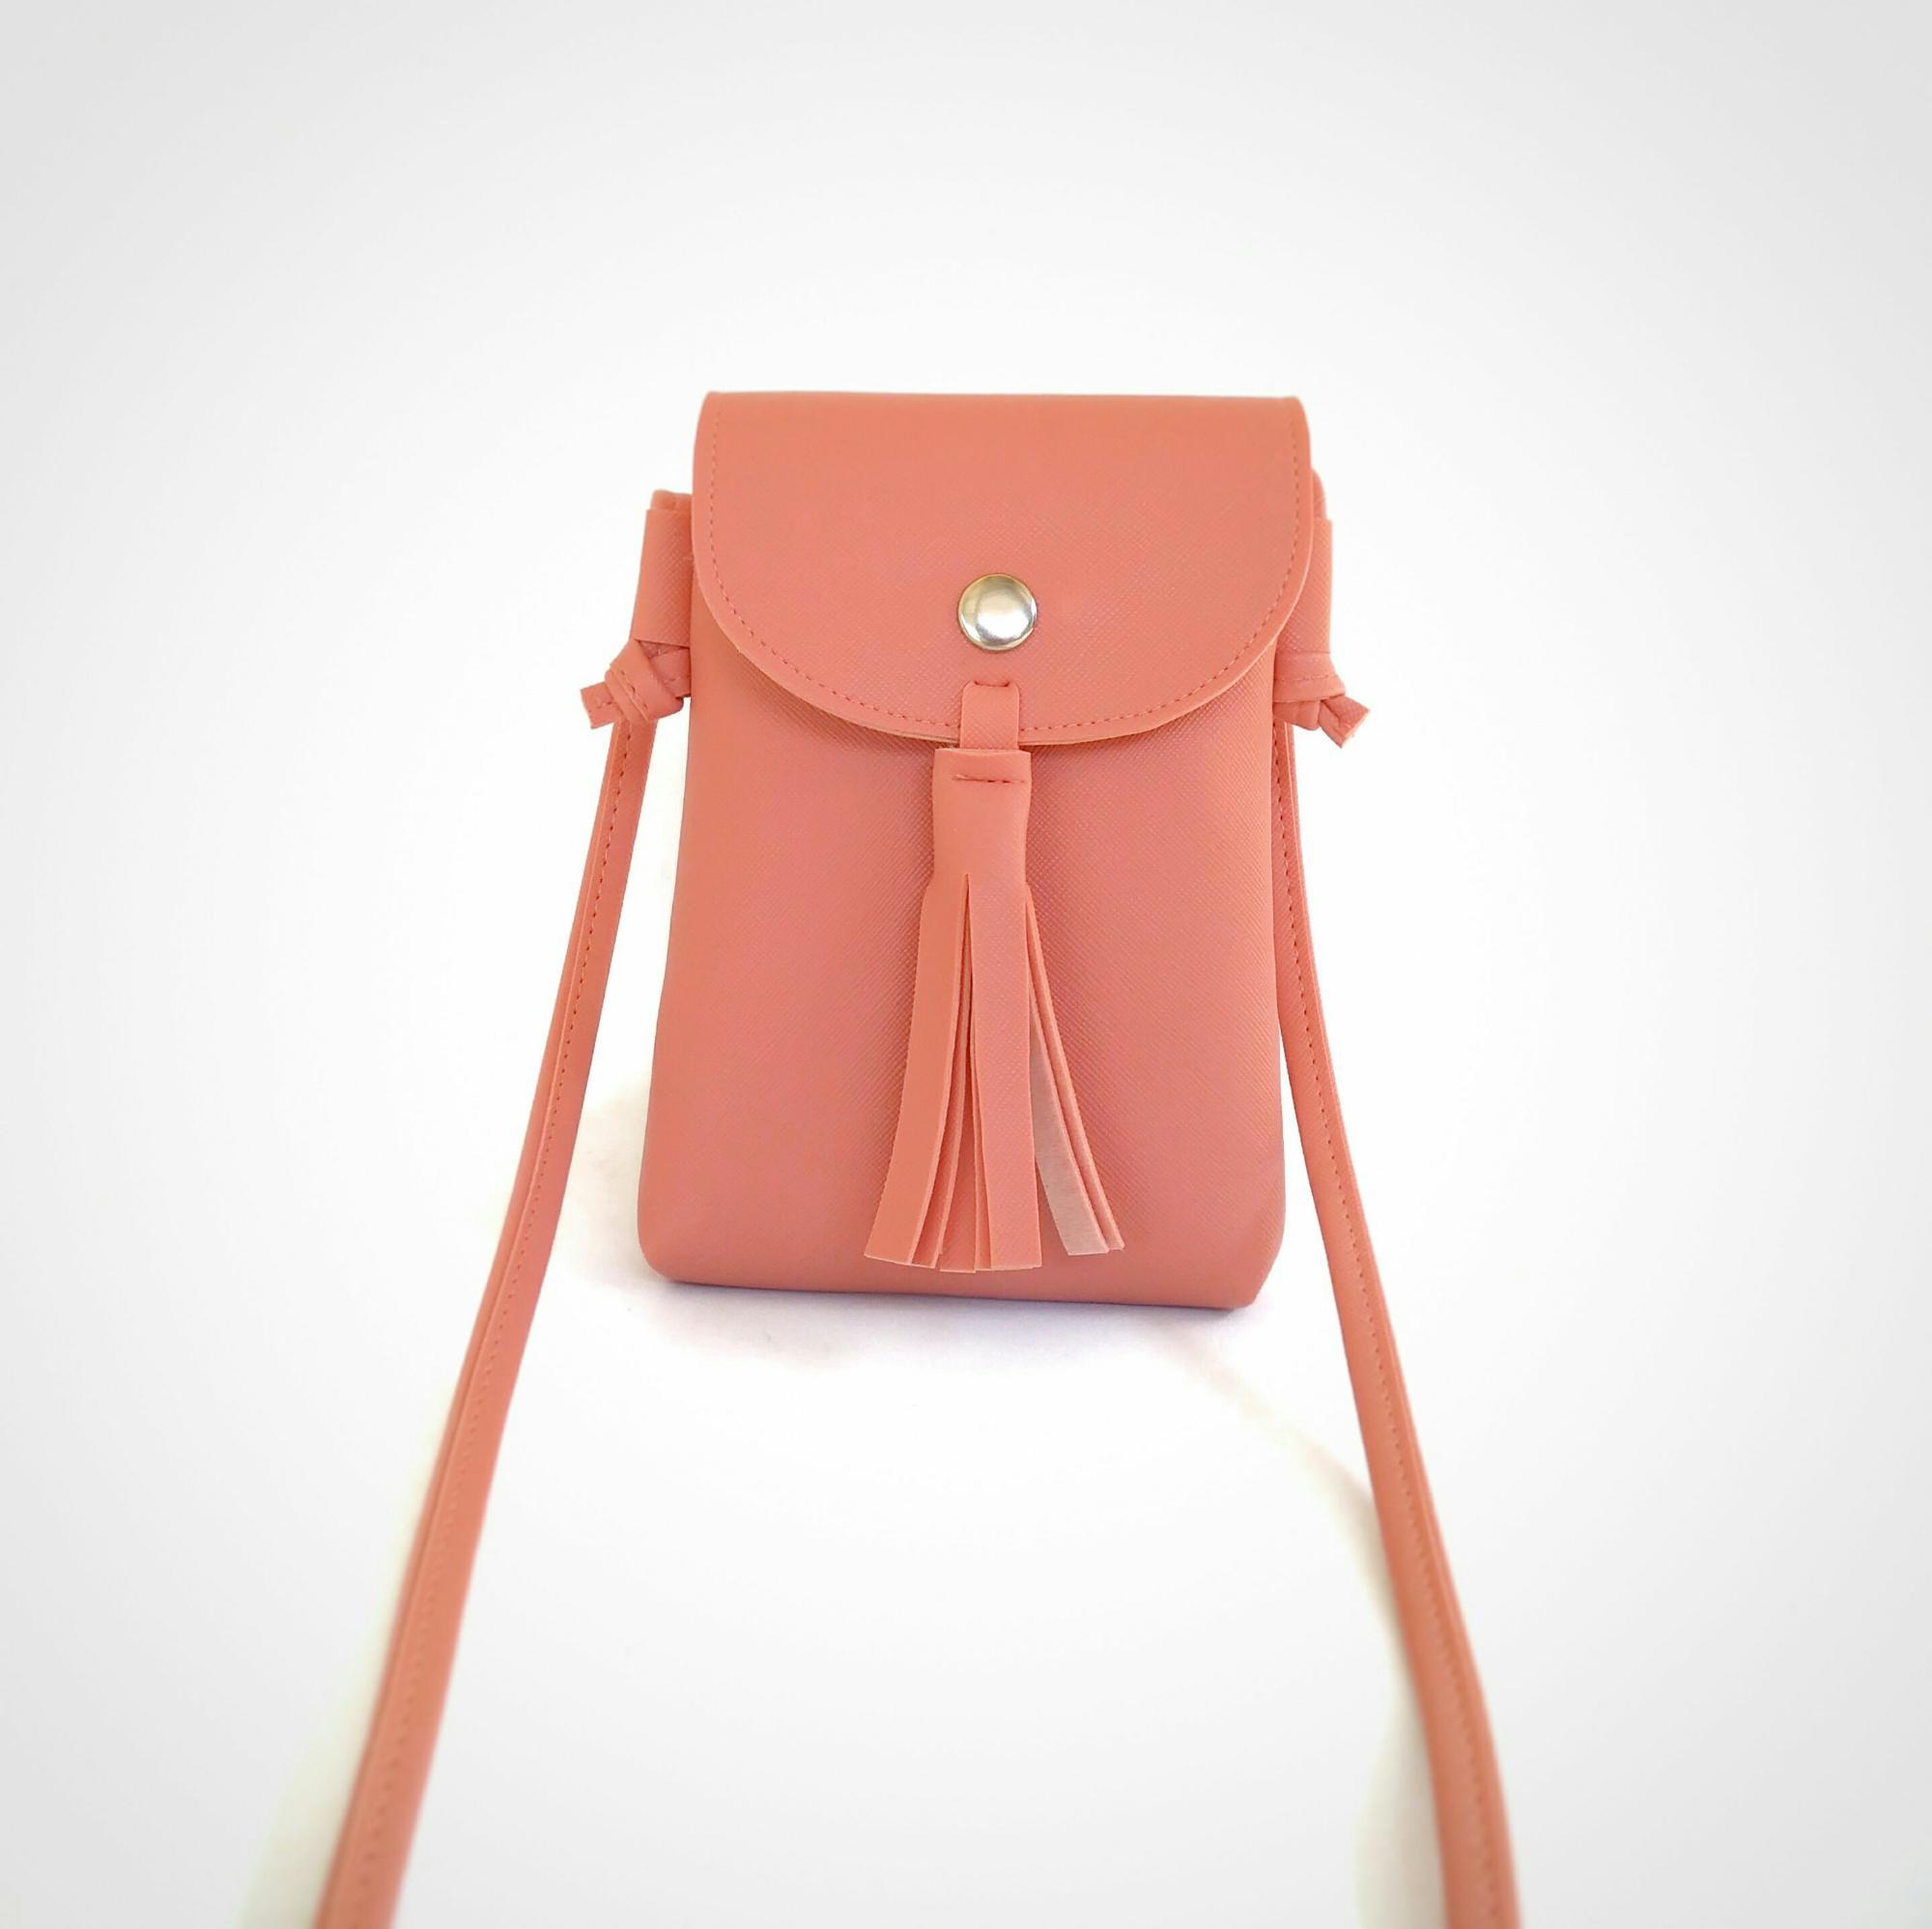 SLINGBAG FIORE - tas sling bag selempang tas hp handphone tas wanita cewek tas murah